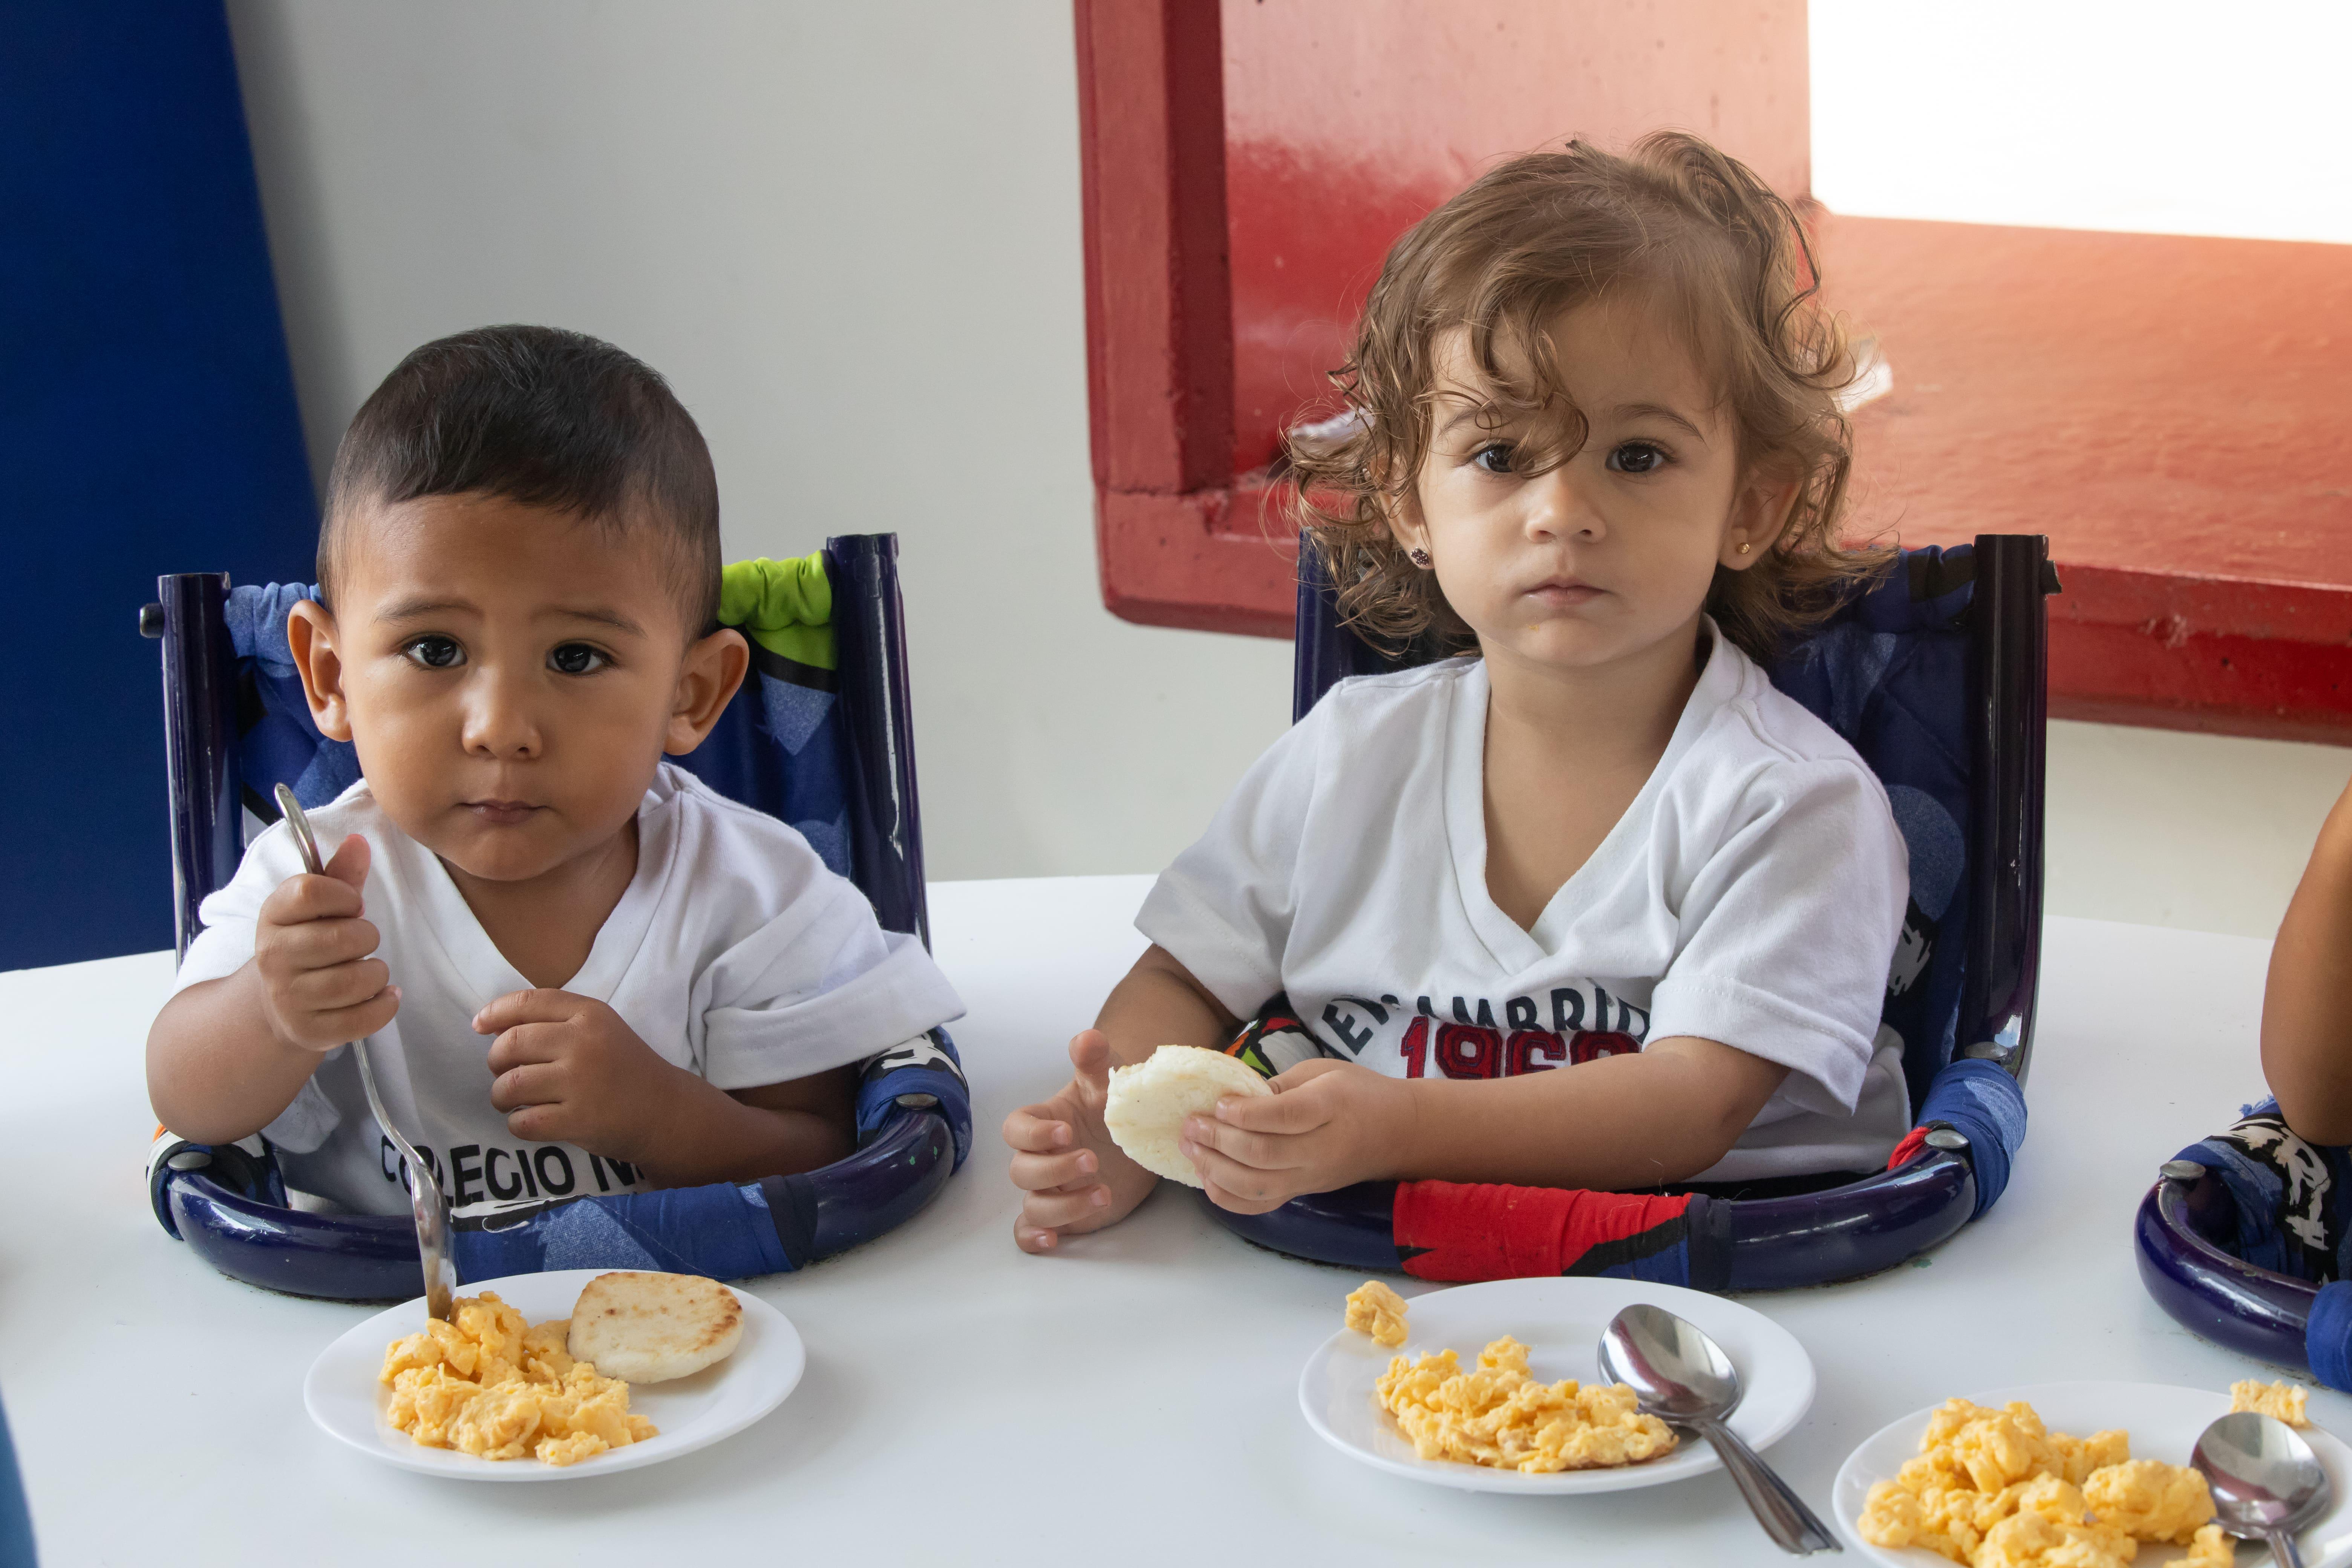 5 pasos para establecer normas y límites para los hijos